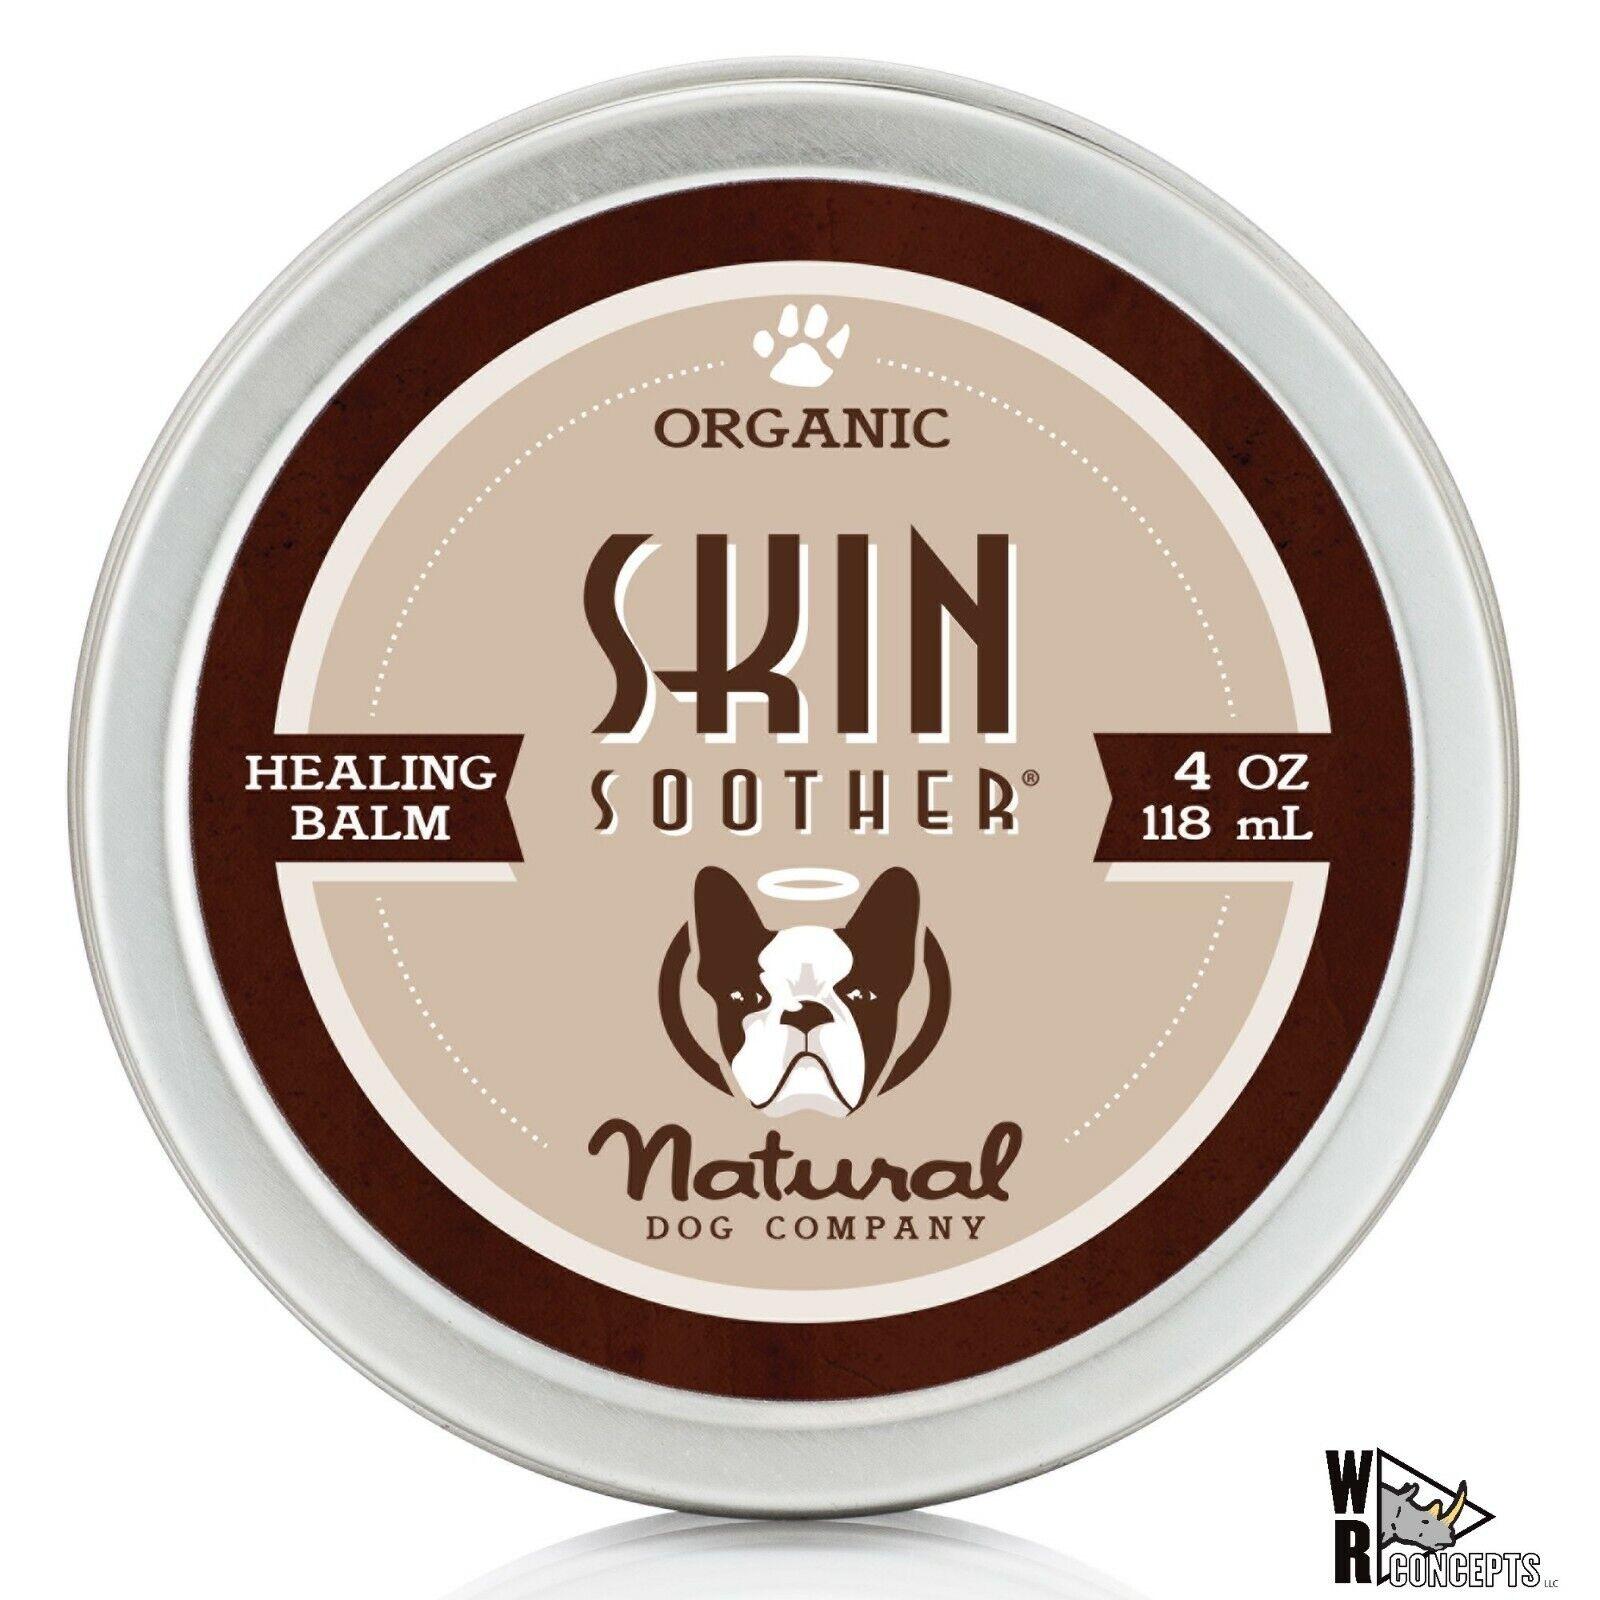 Natural Dog Company - Skin Soother - Organic, All-Natural Healing Balm 4 OZ